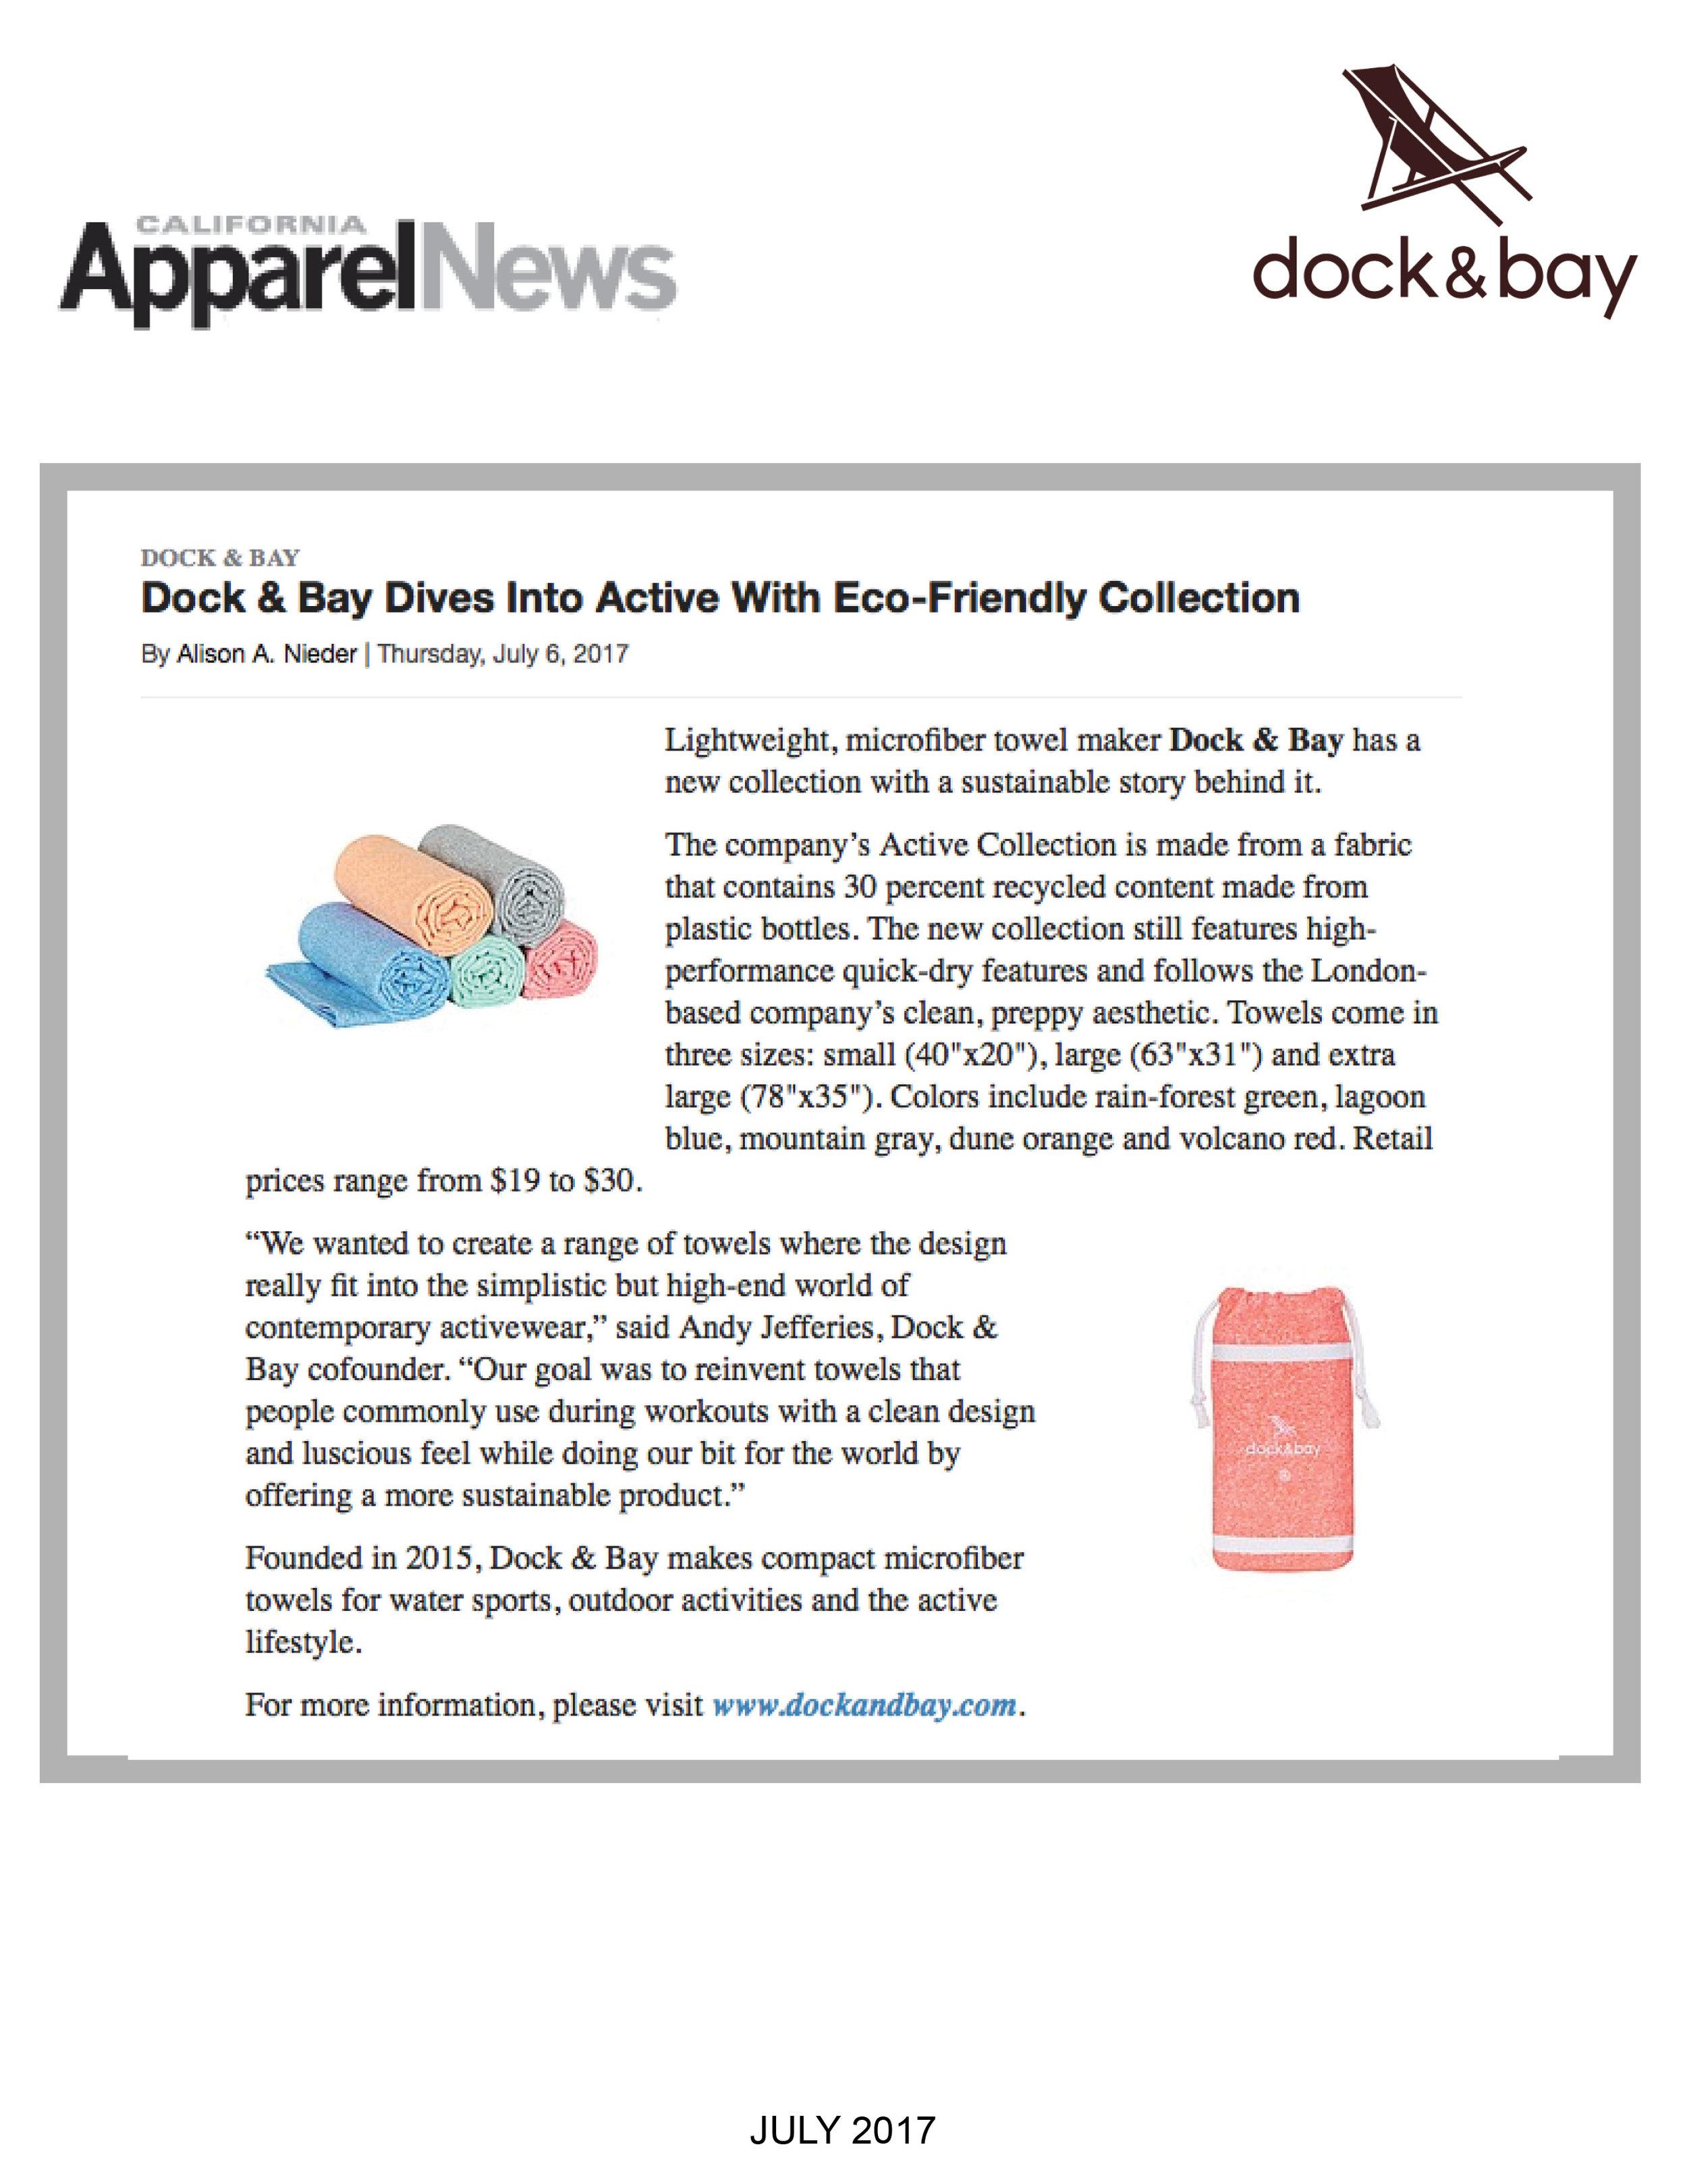 Dock&Bay_ApparelNews_July2017.jpg